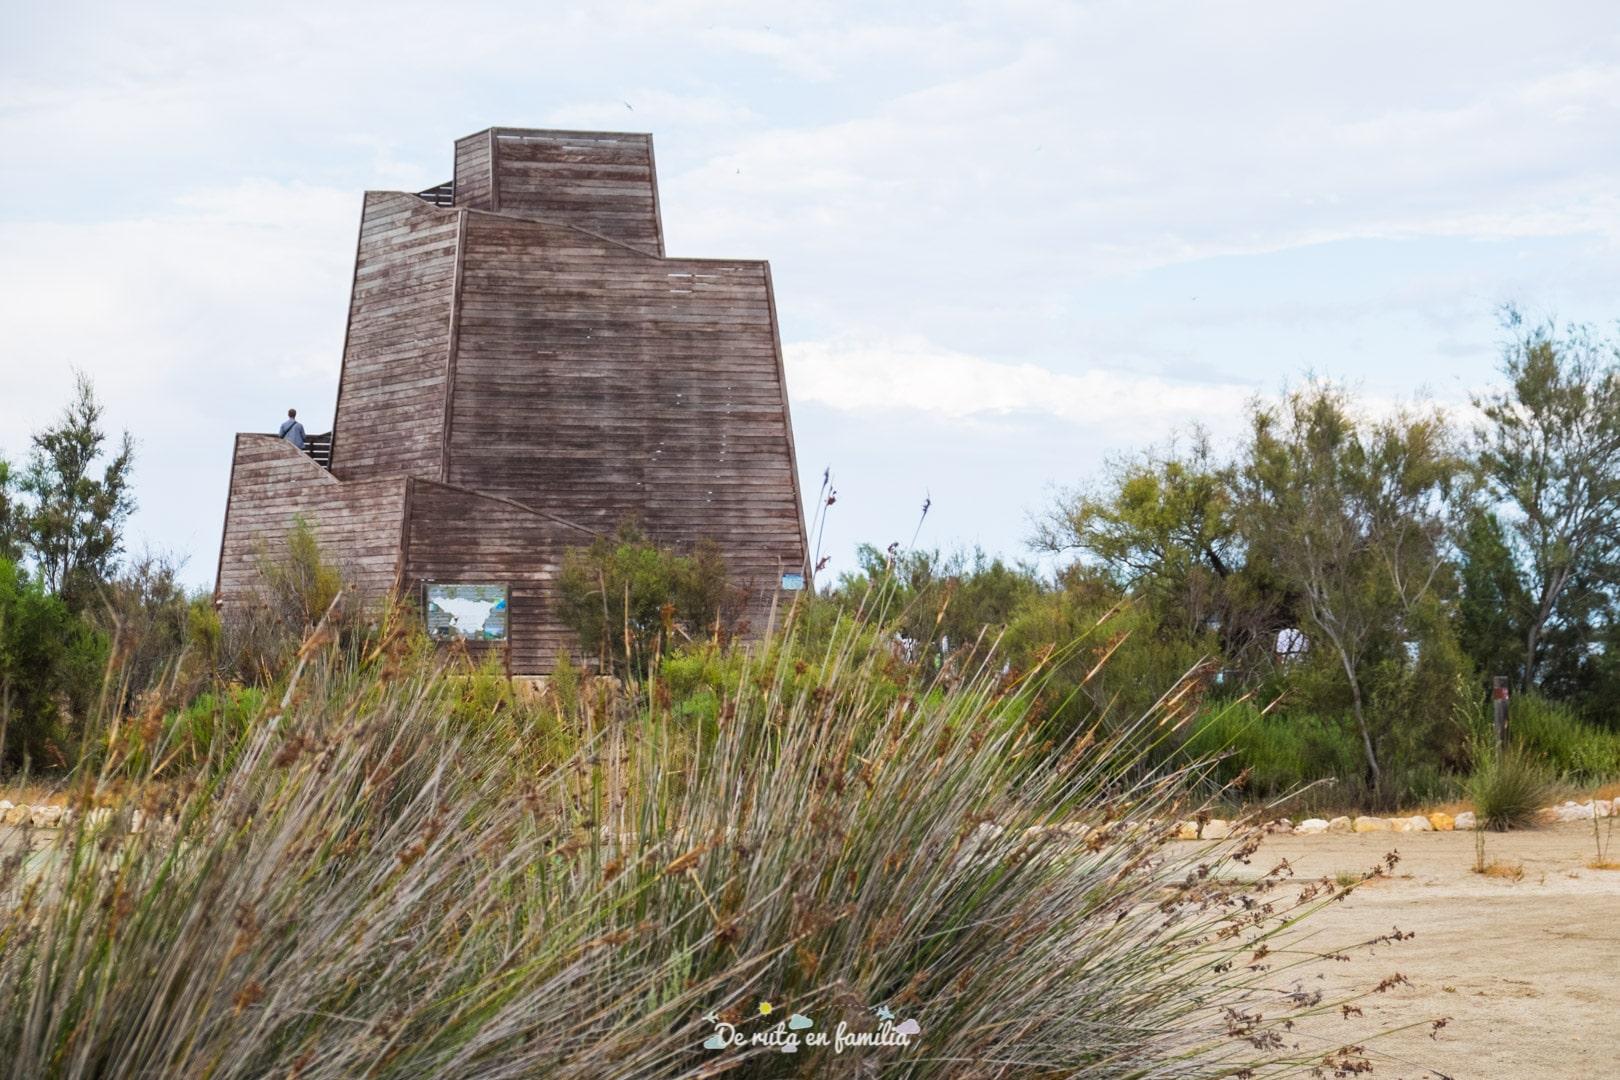 mirador del zigurat delta de l'ebre